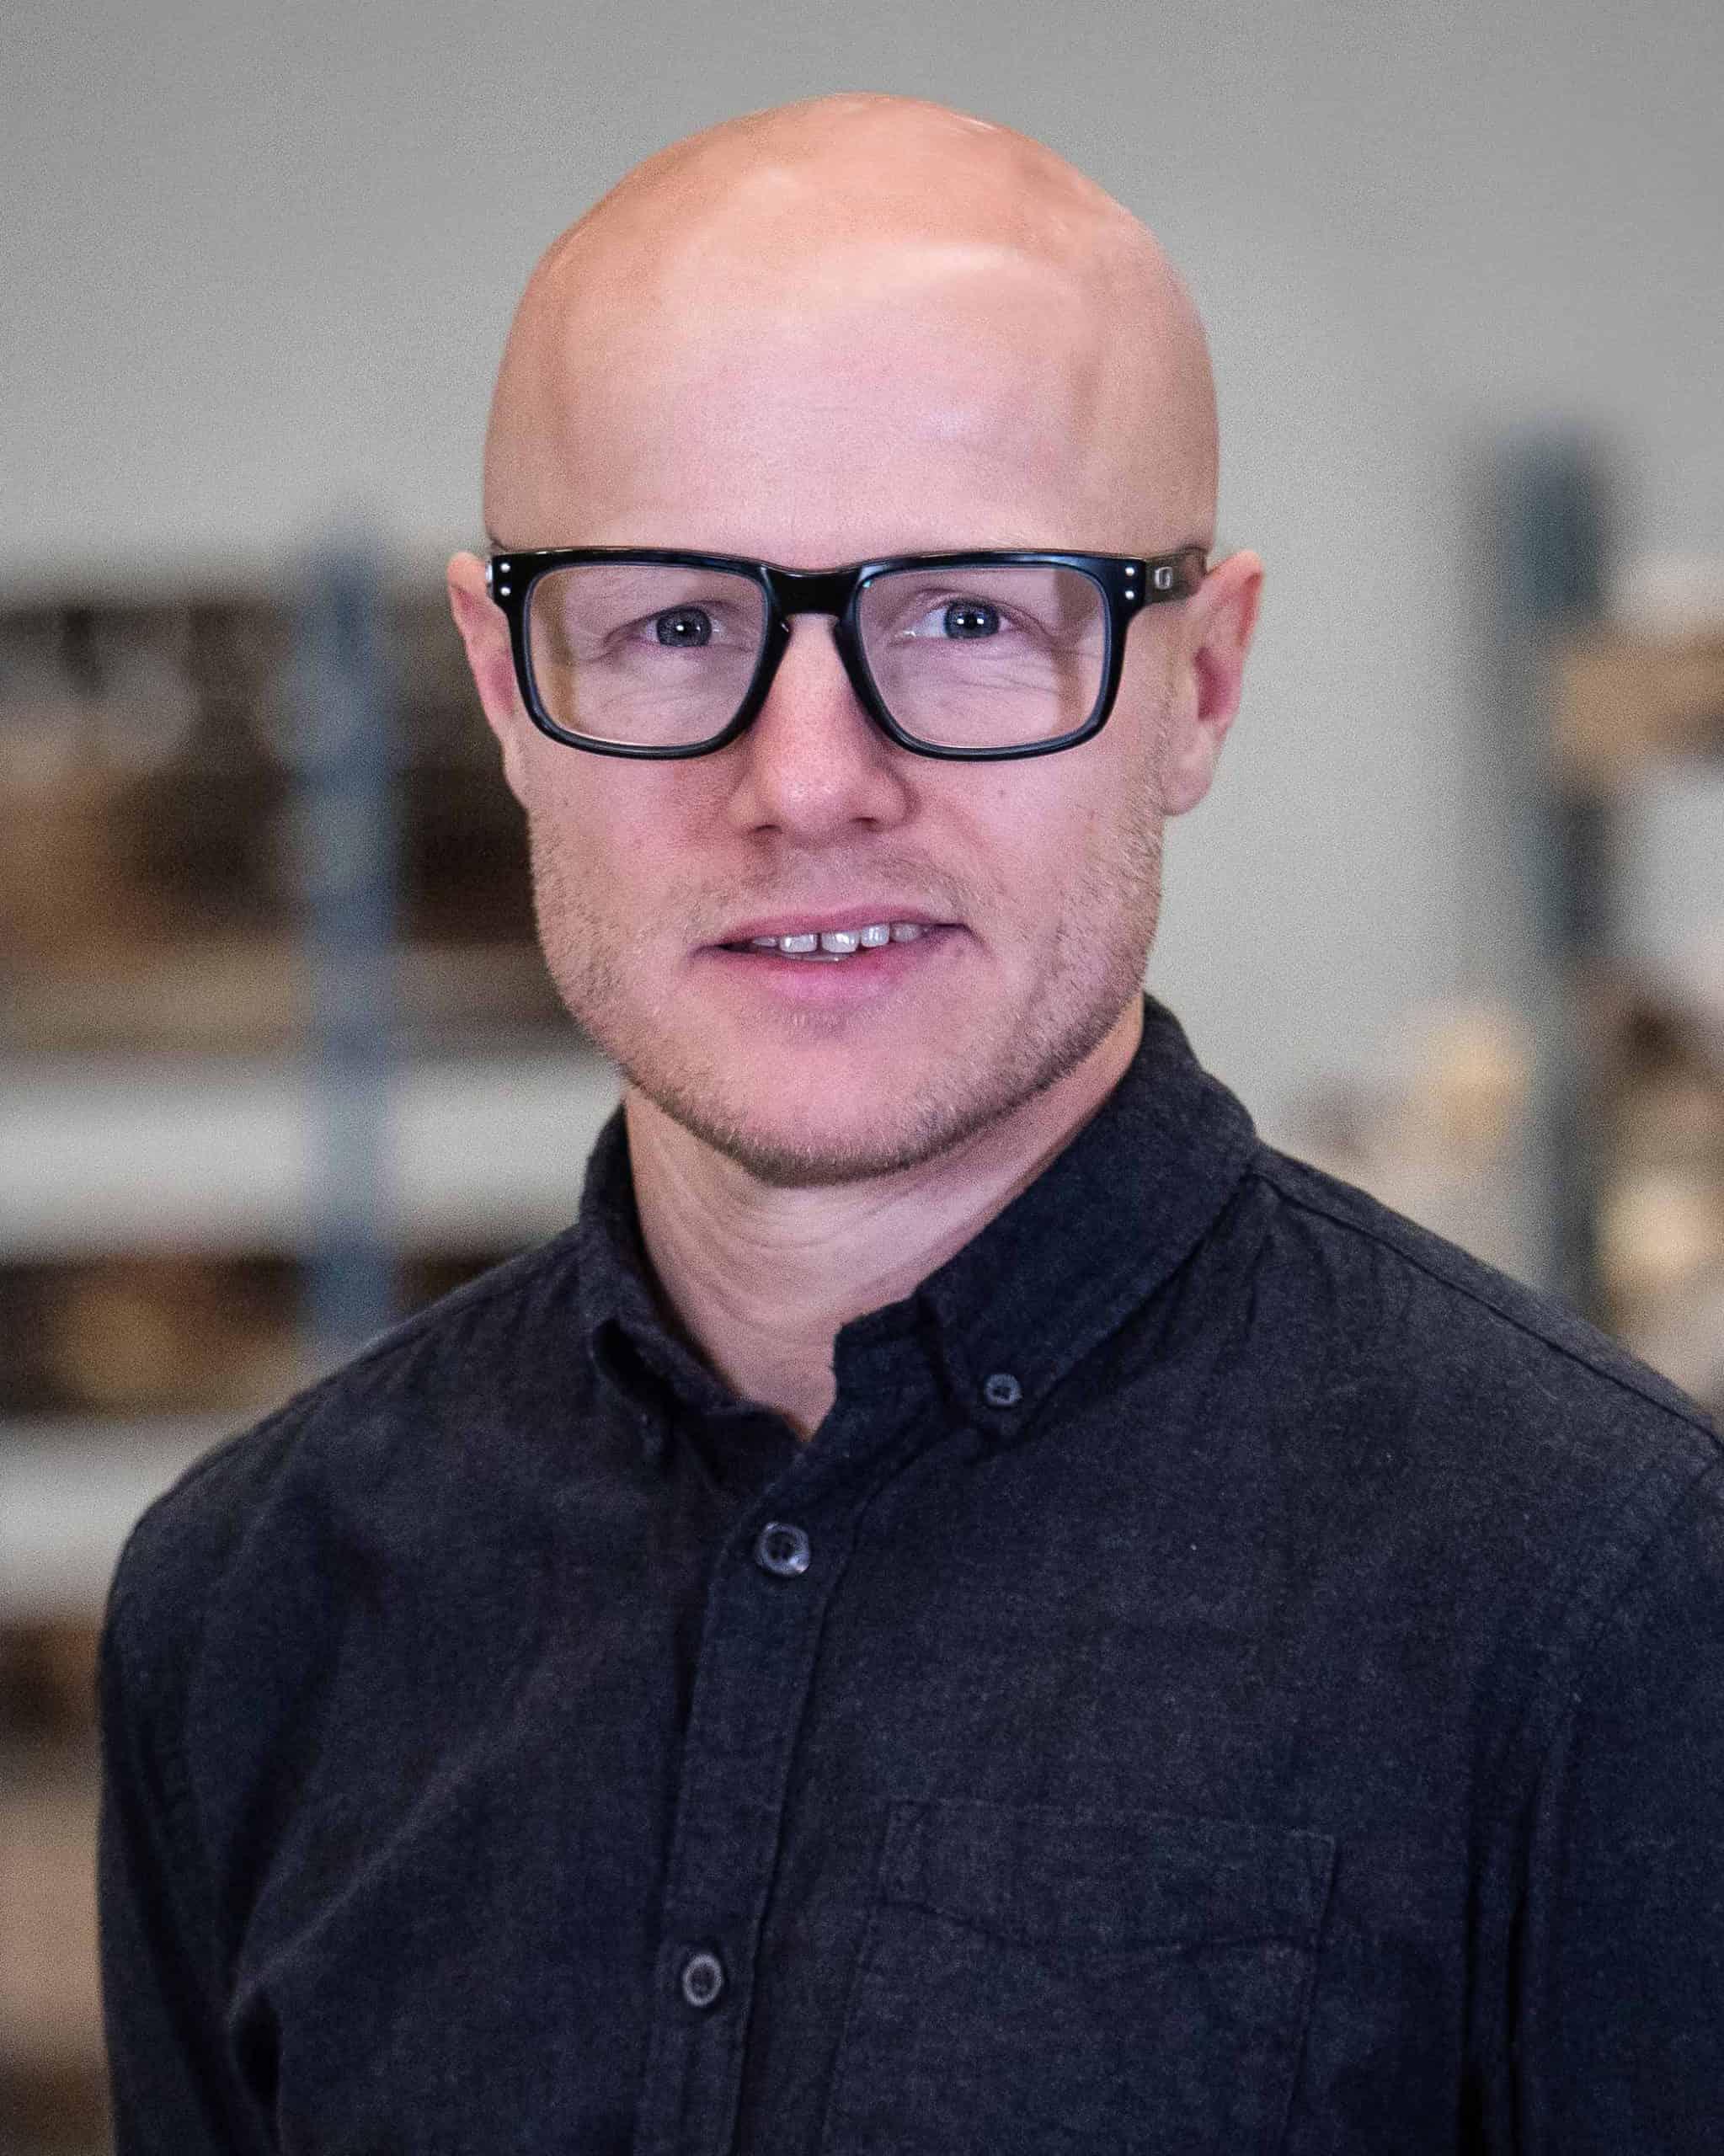 Jim Uhlén